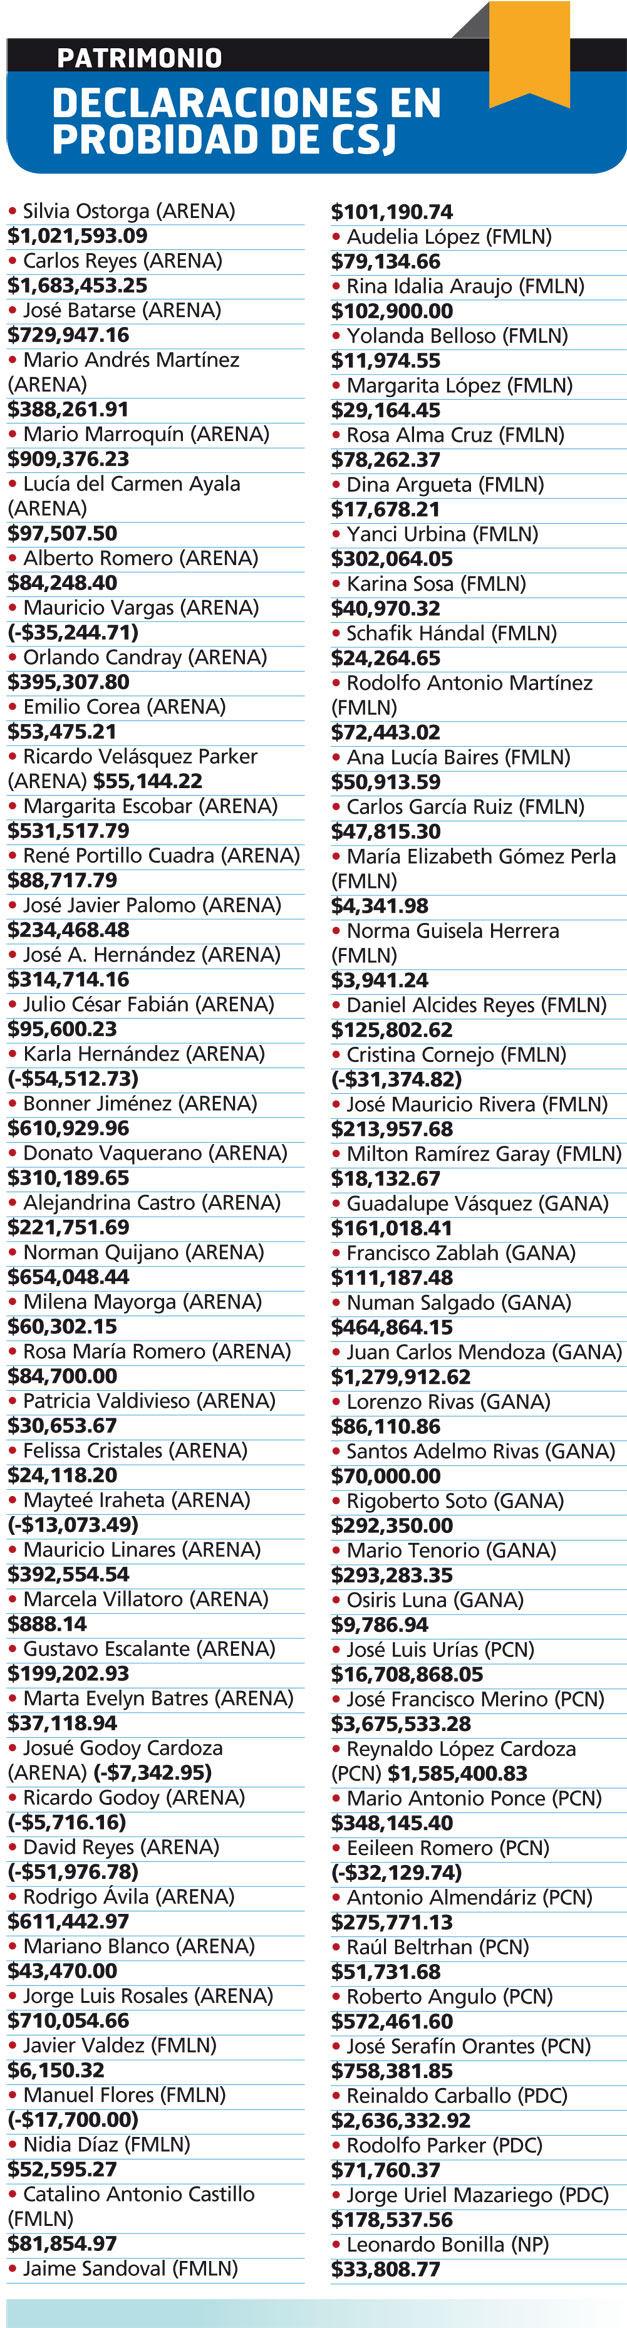 Cantidad de dinero que poseen los diputados